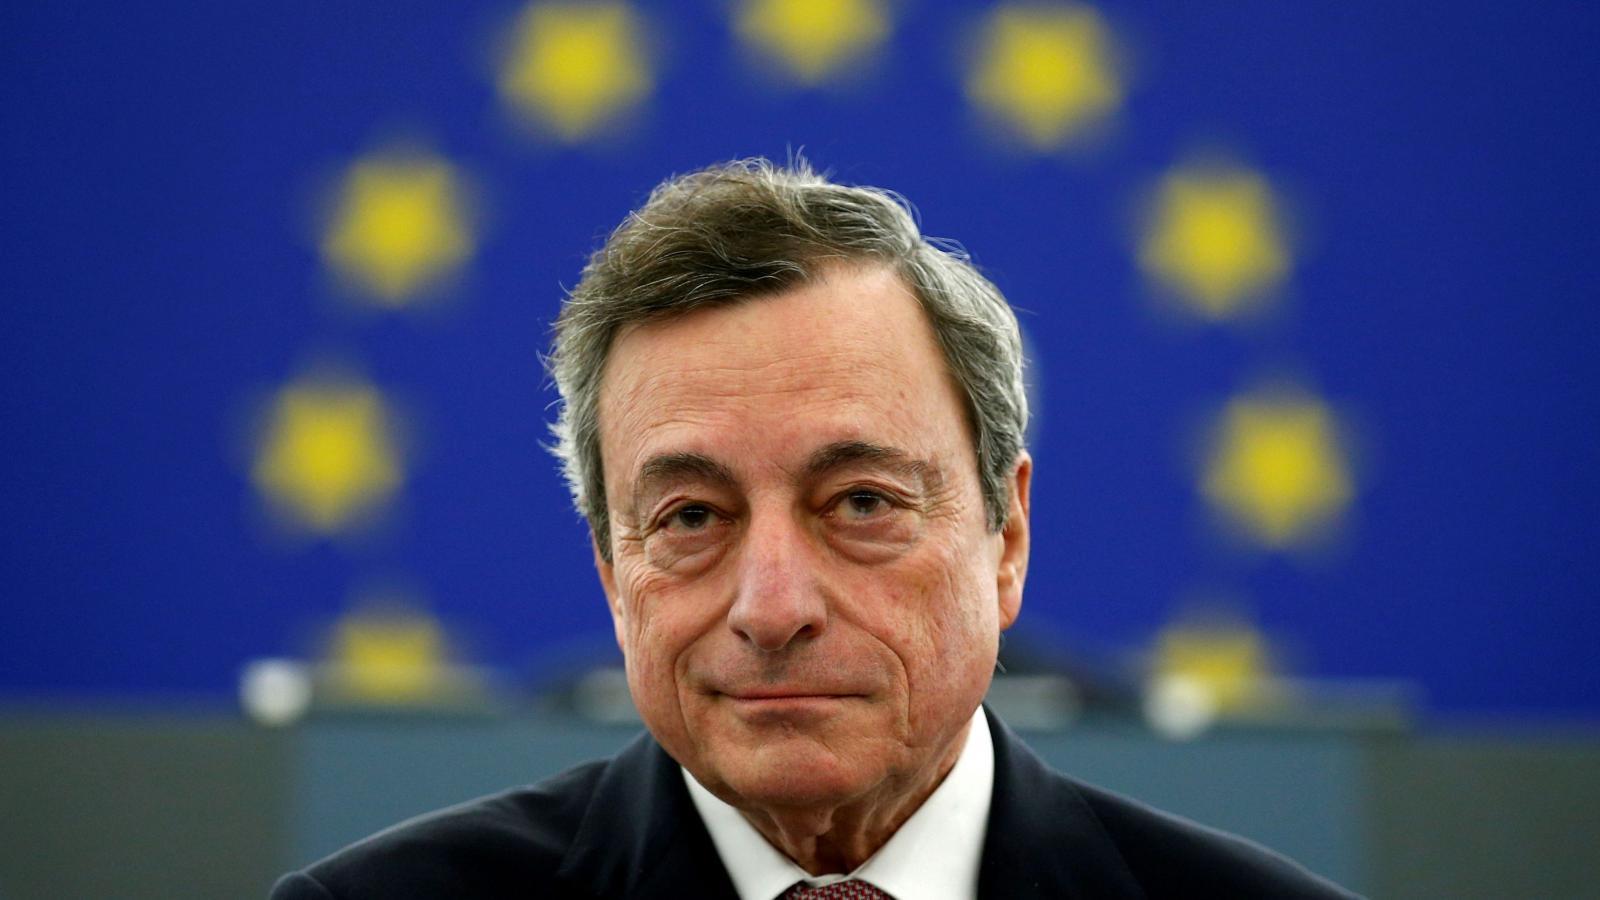 La biografia di Mario Draghi, nel nome dell'Euro